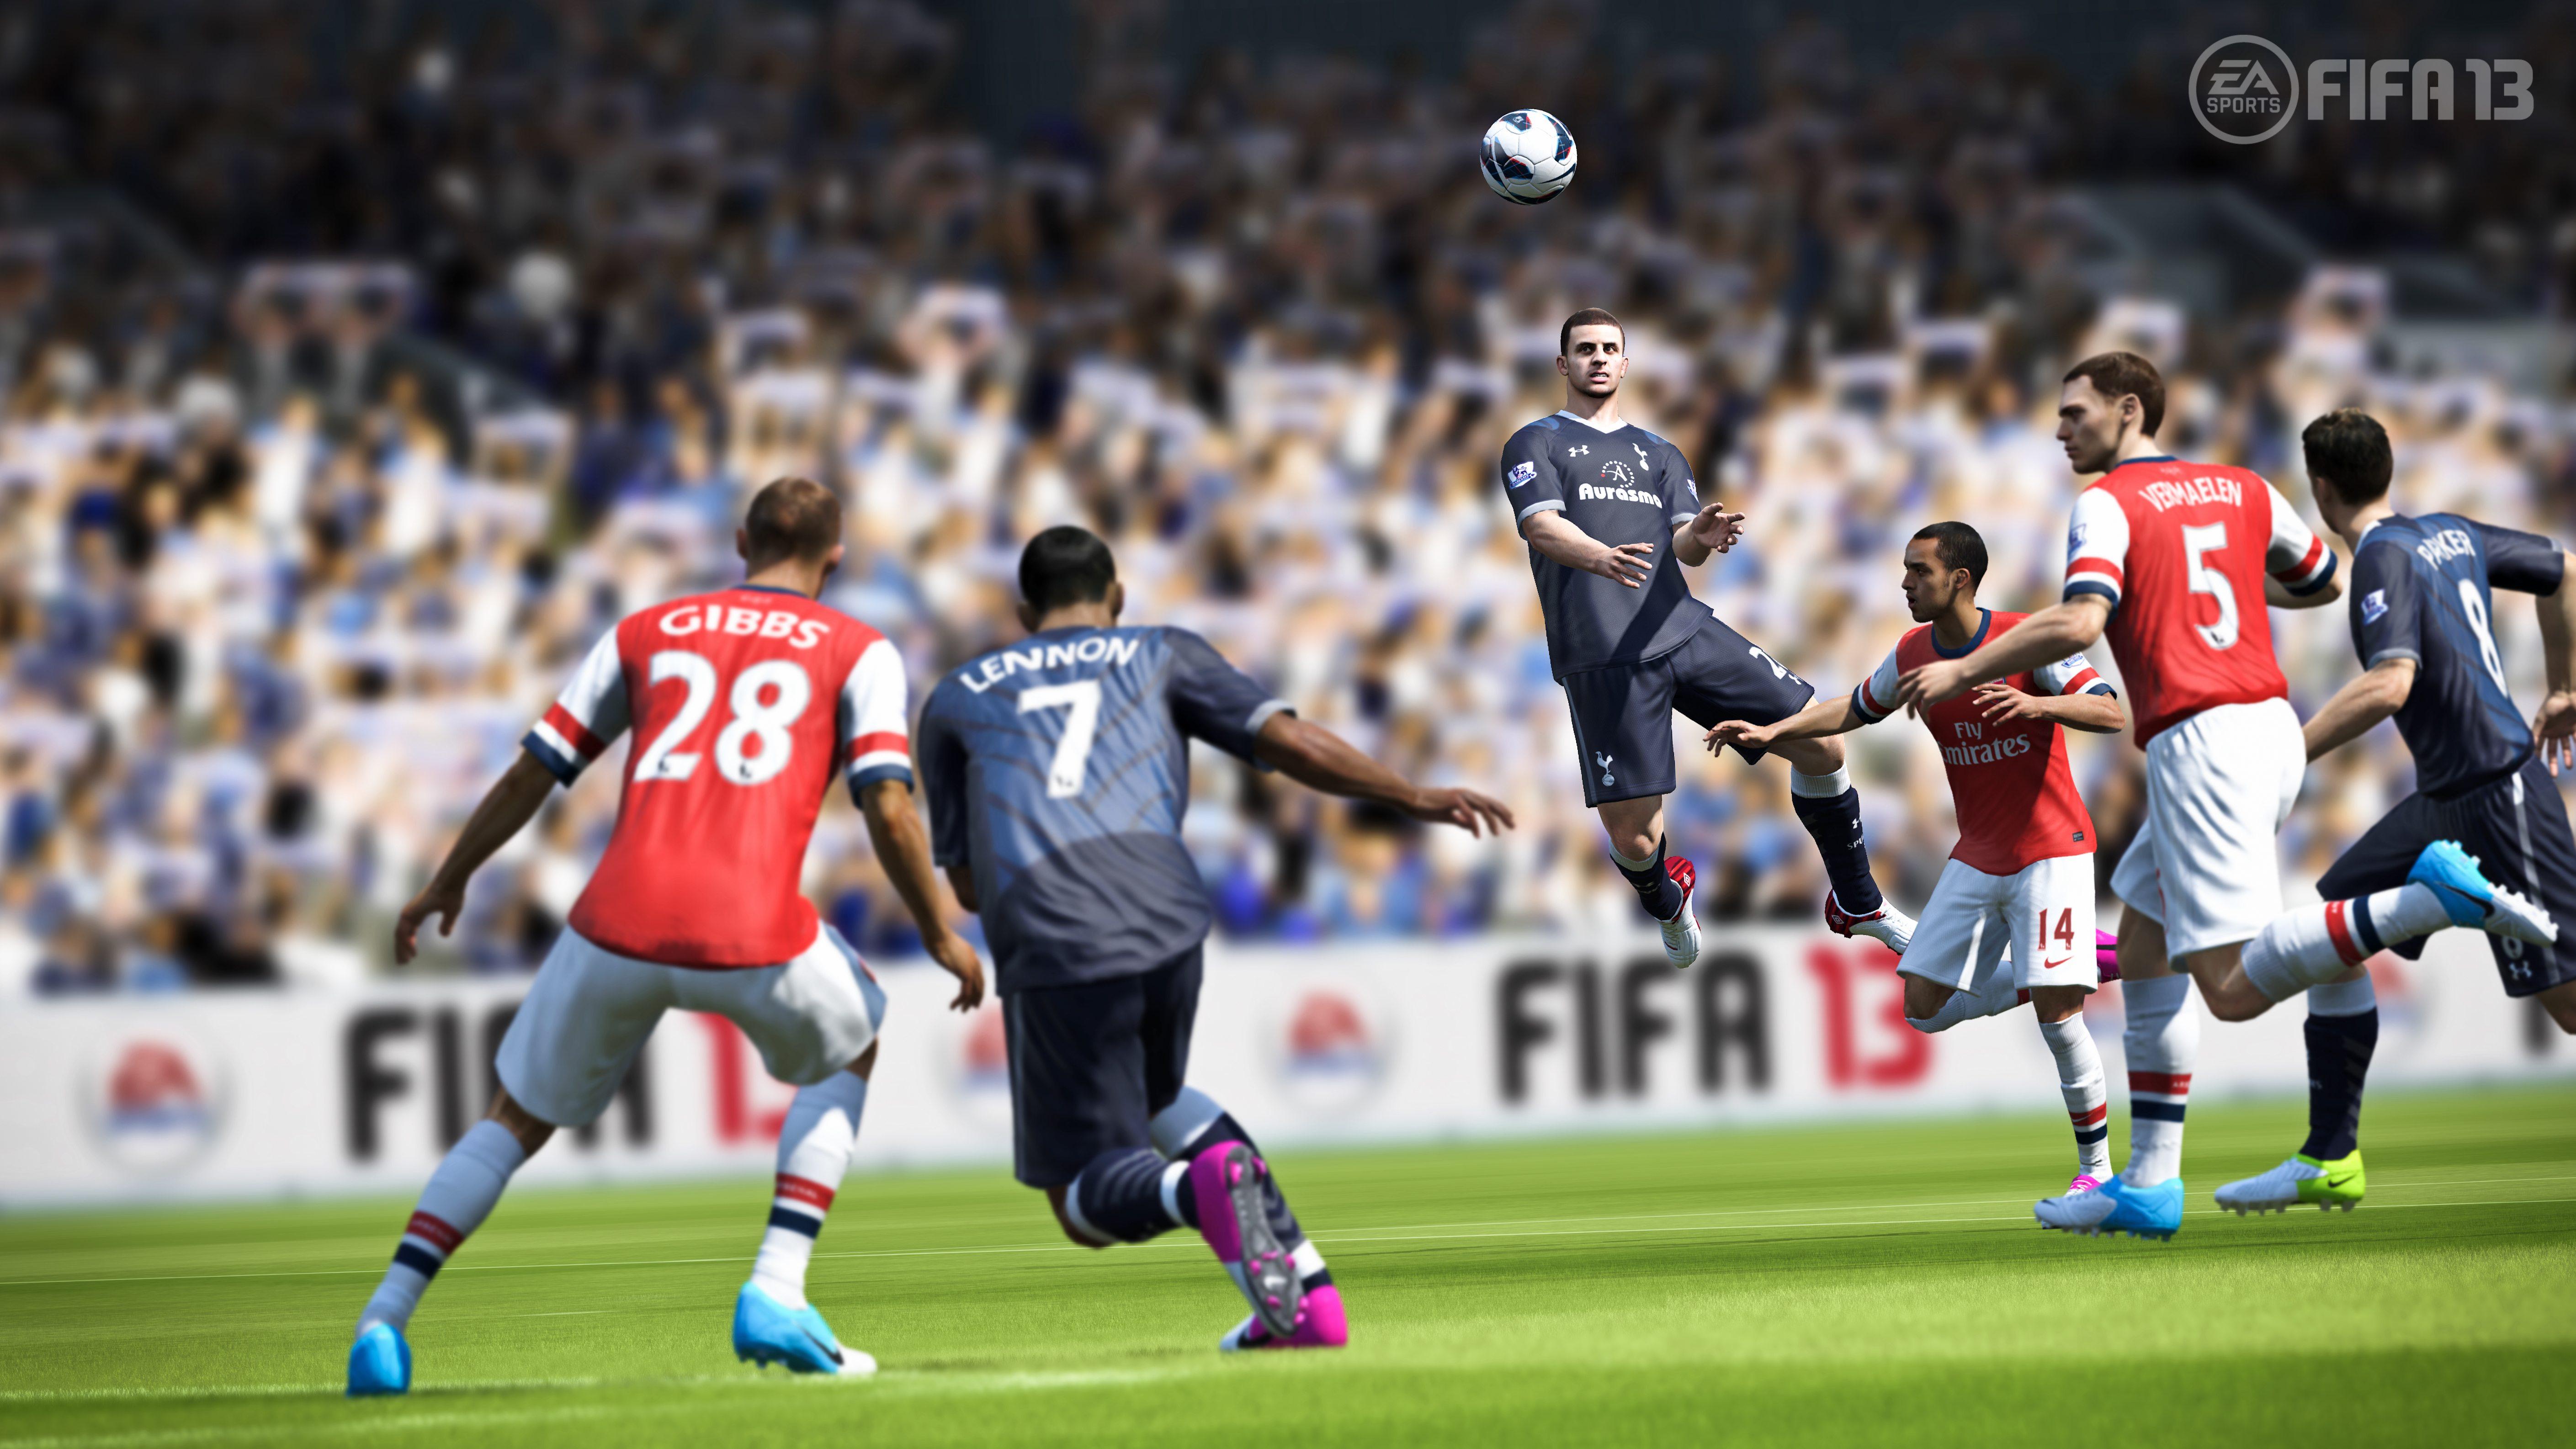 Fifa 13_2